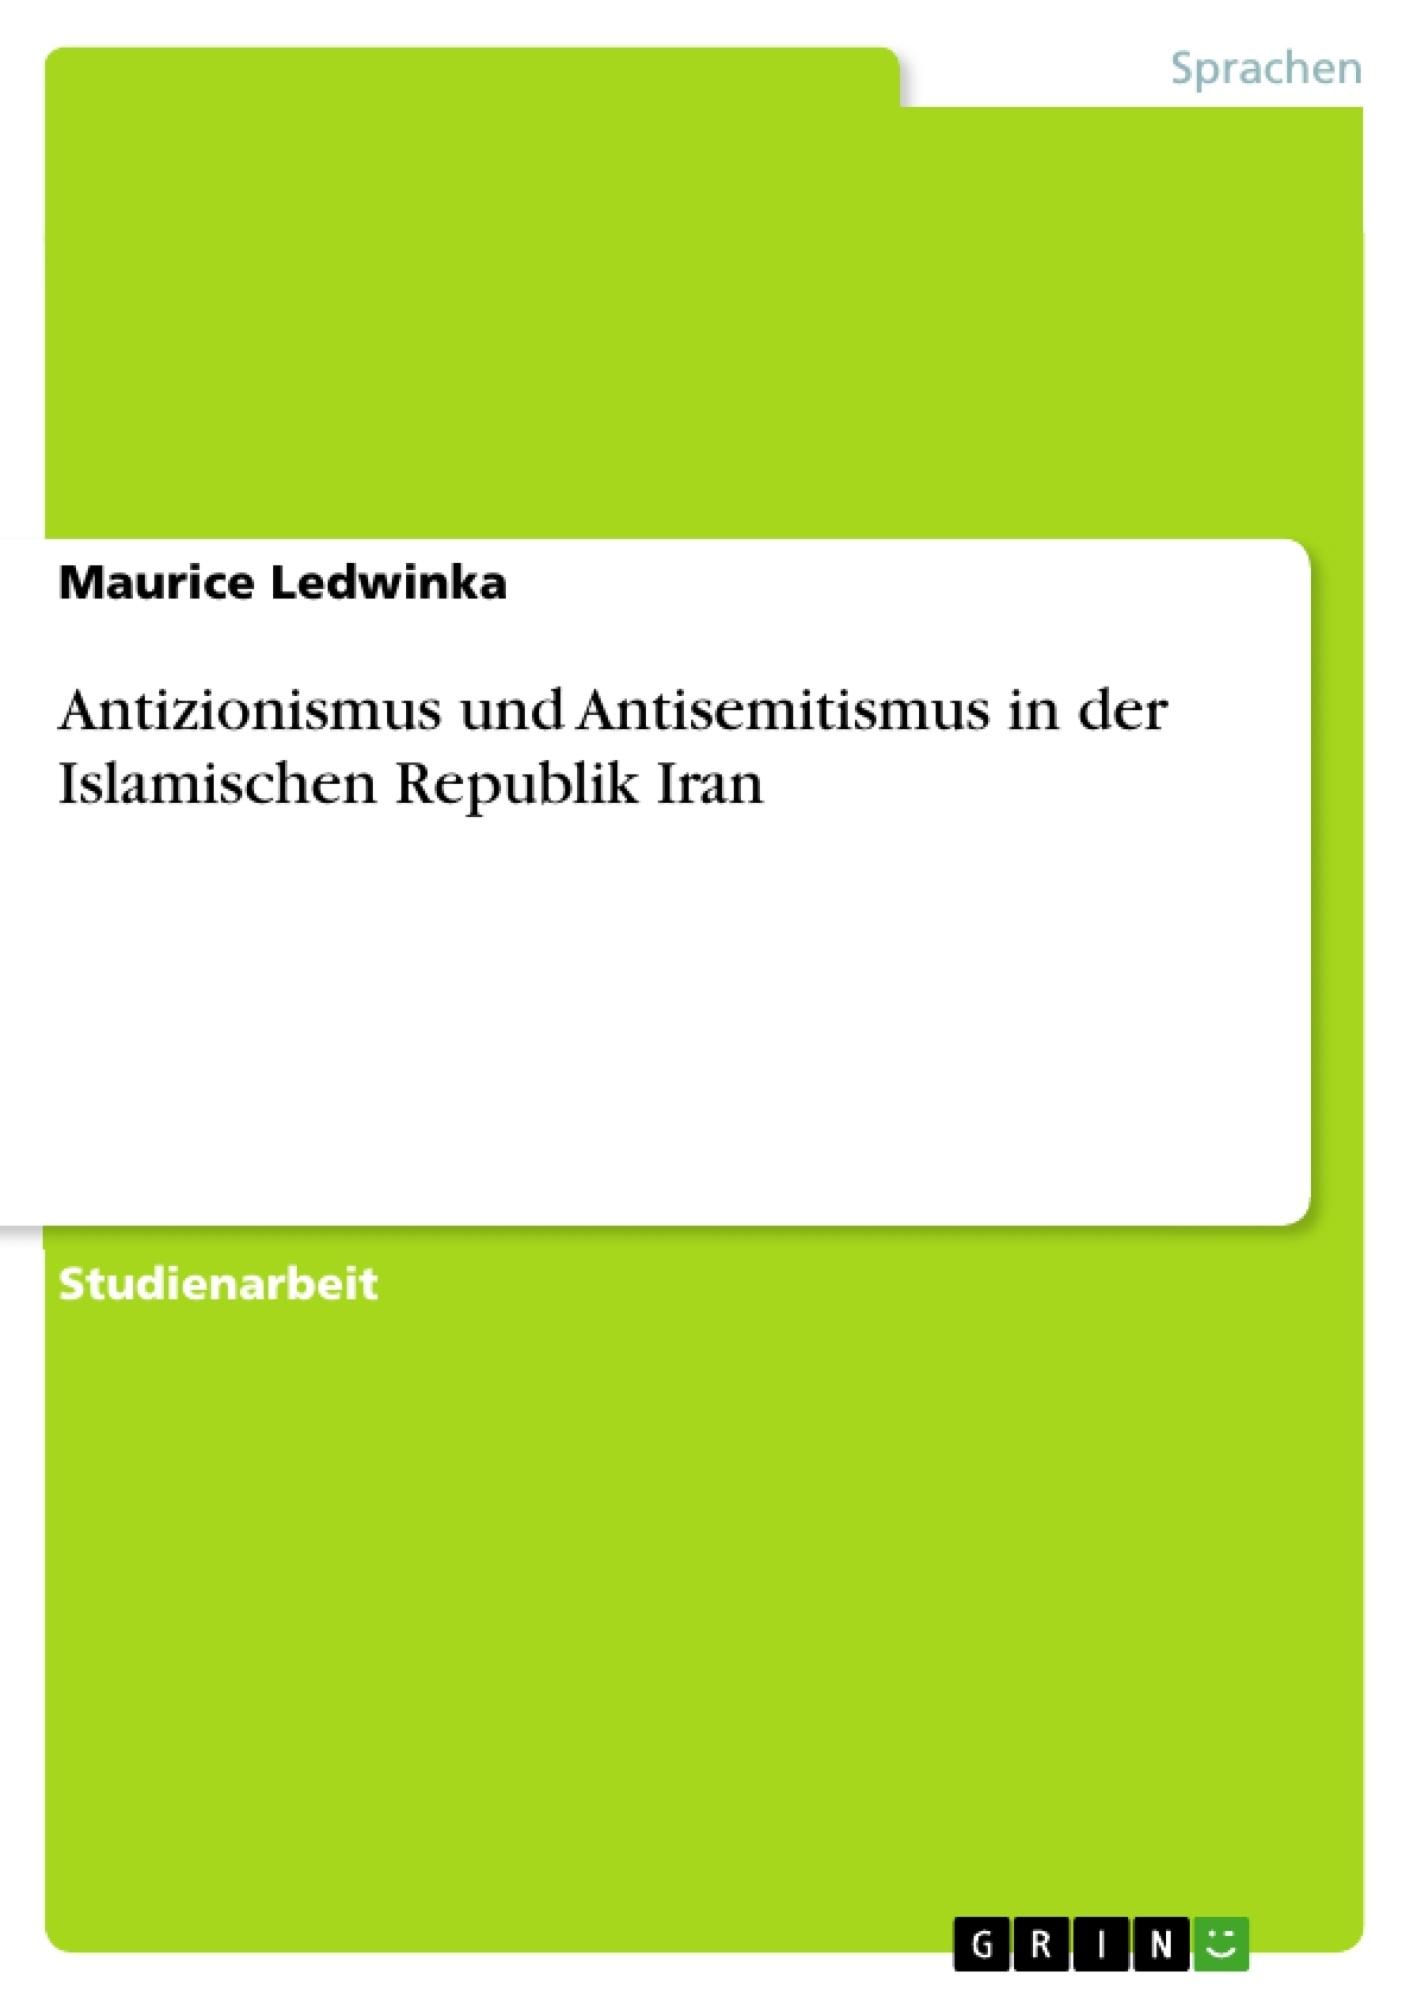 Titel: Antizionismus und Antisemitismus in der Islamischen Republik Iran